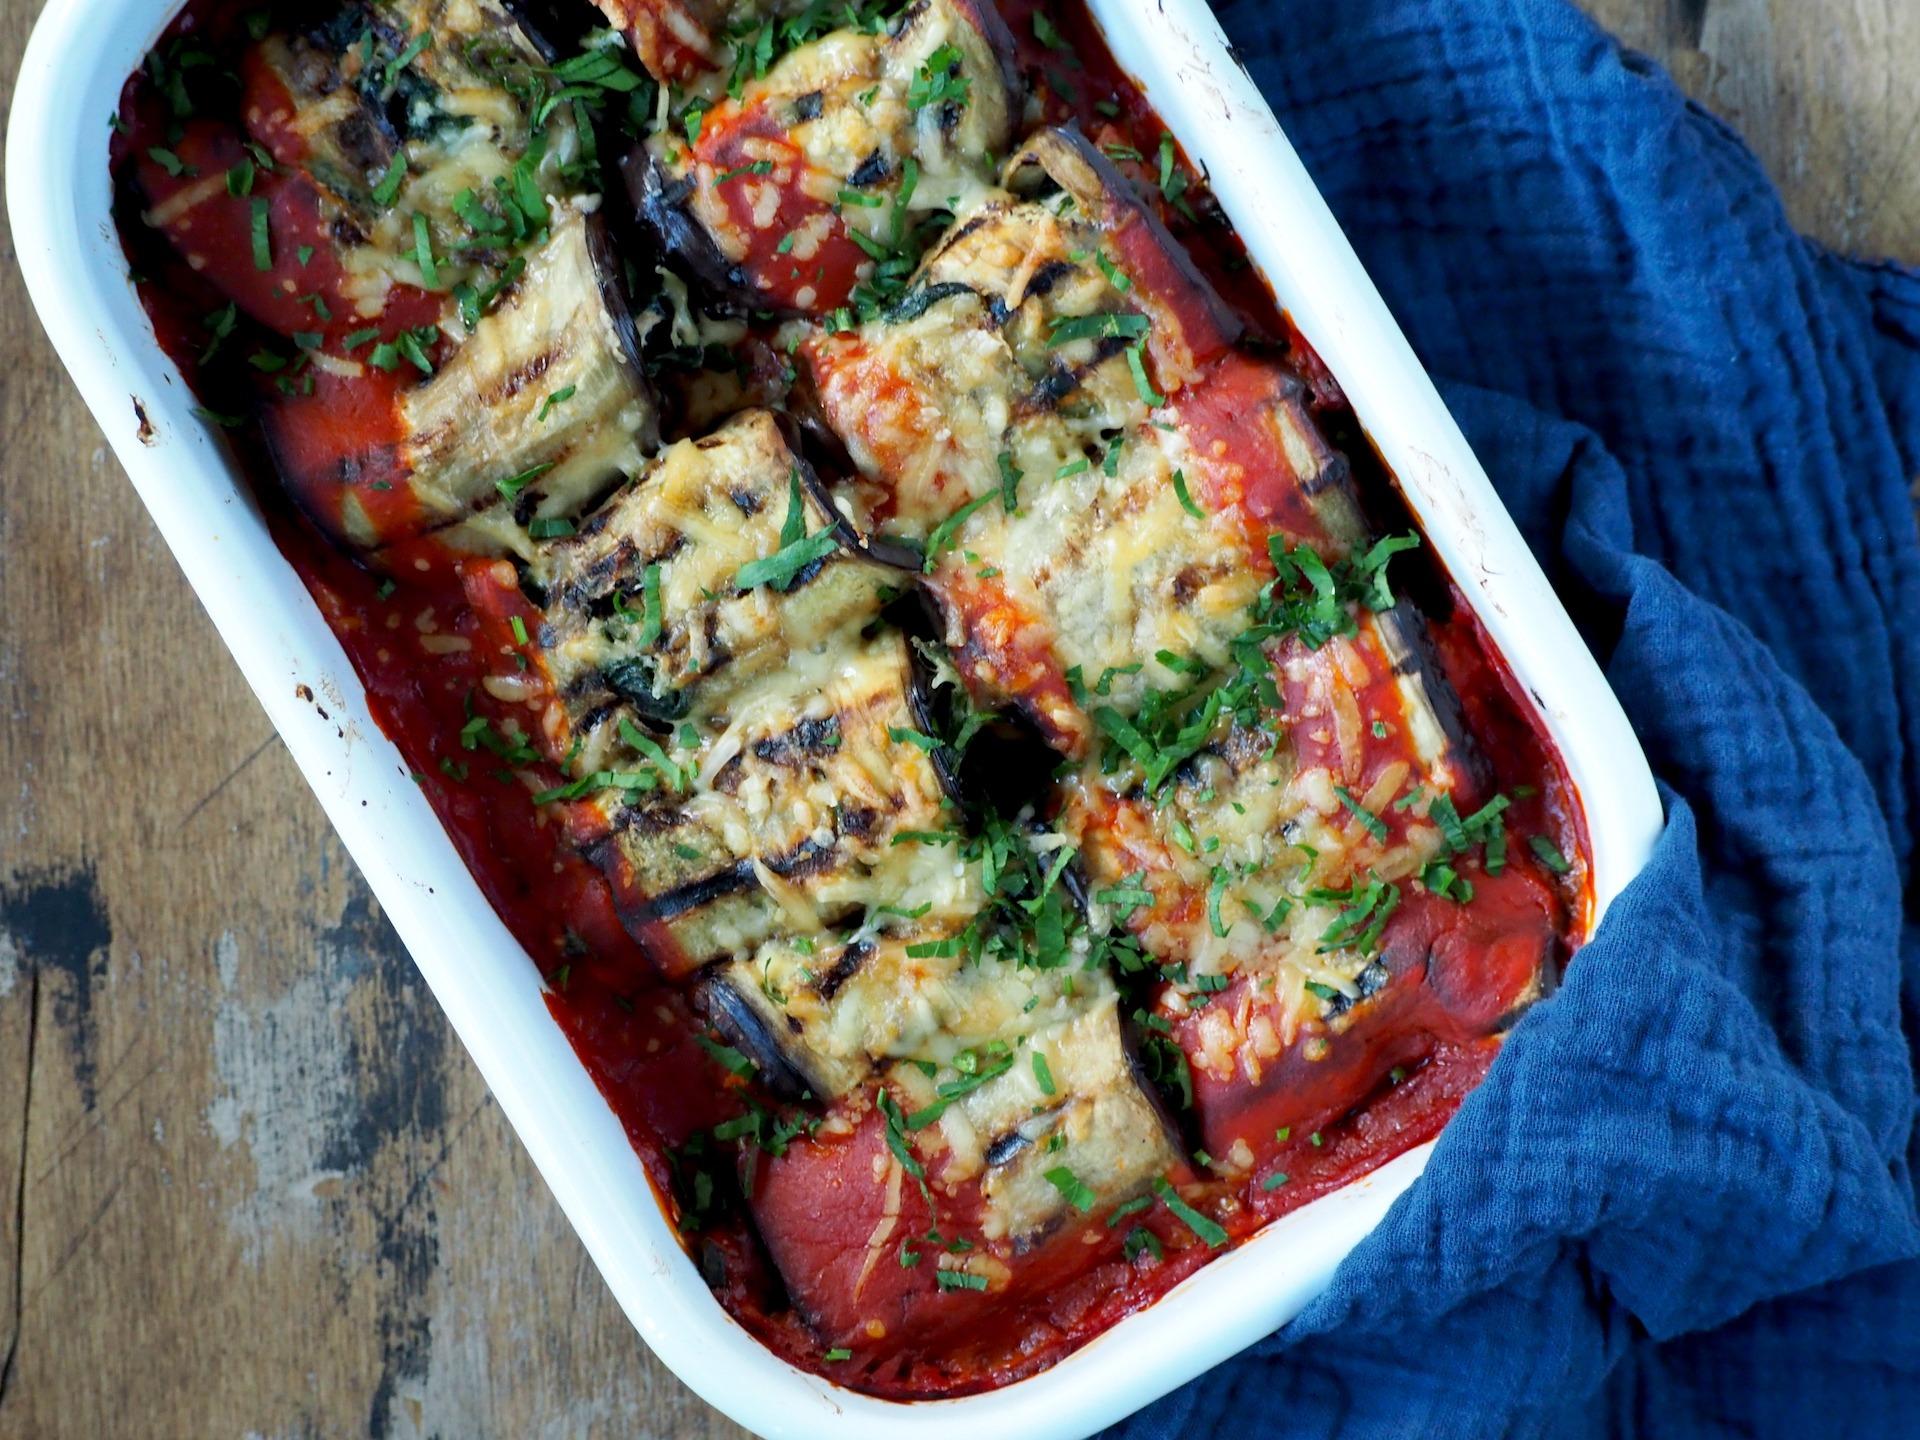 Koolhydraatarme Aubergine rolletjes met spinazie en tonijn